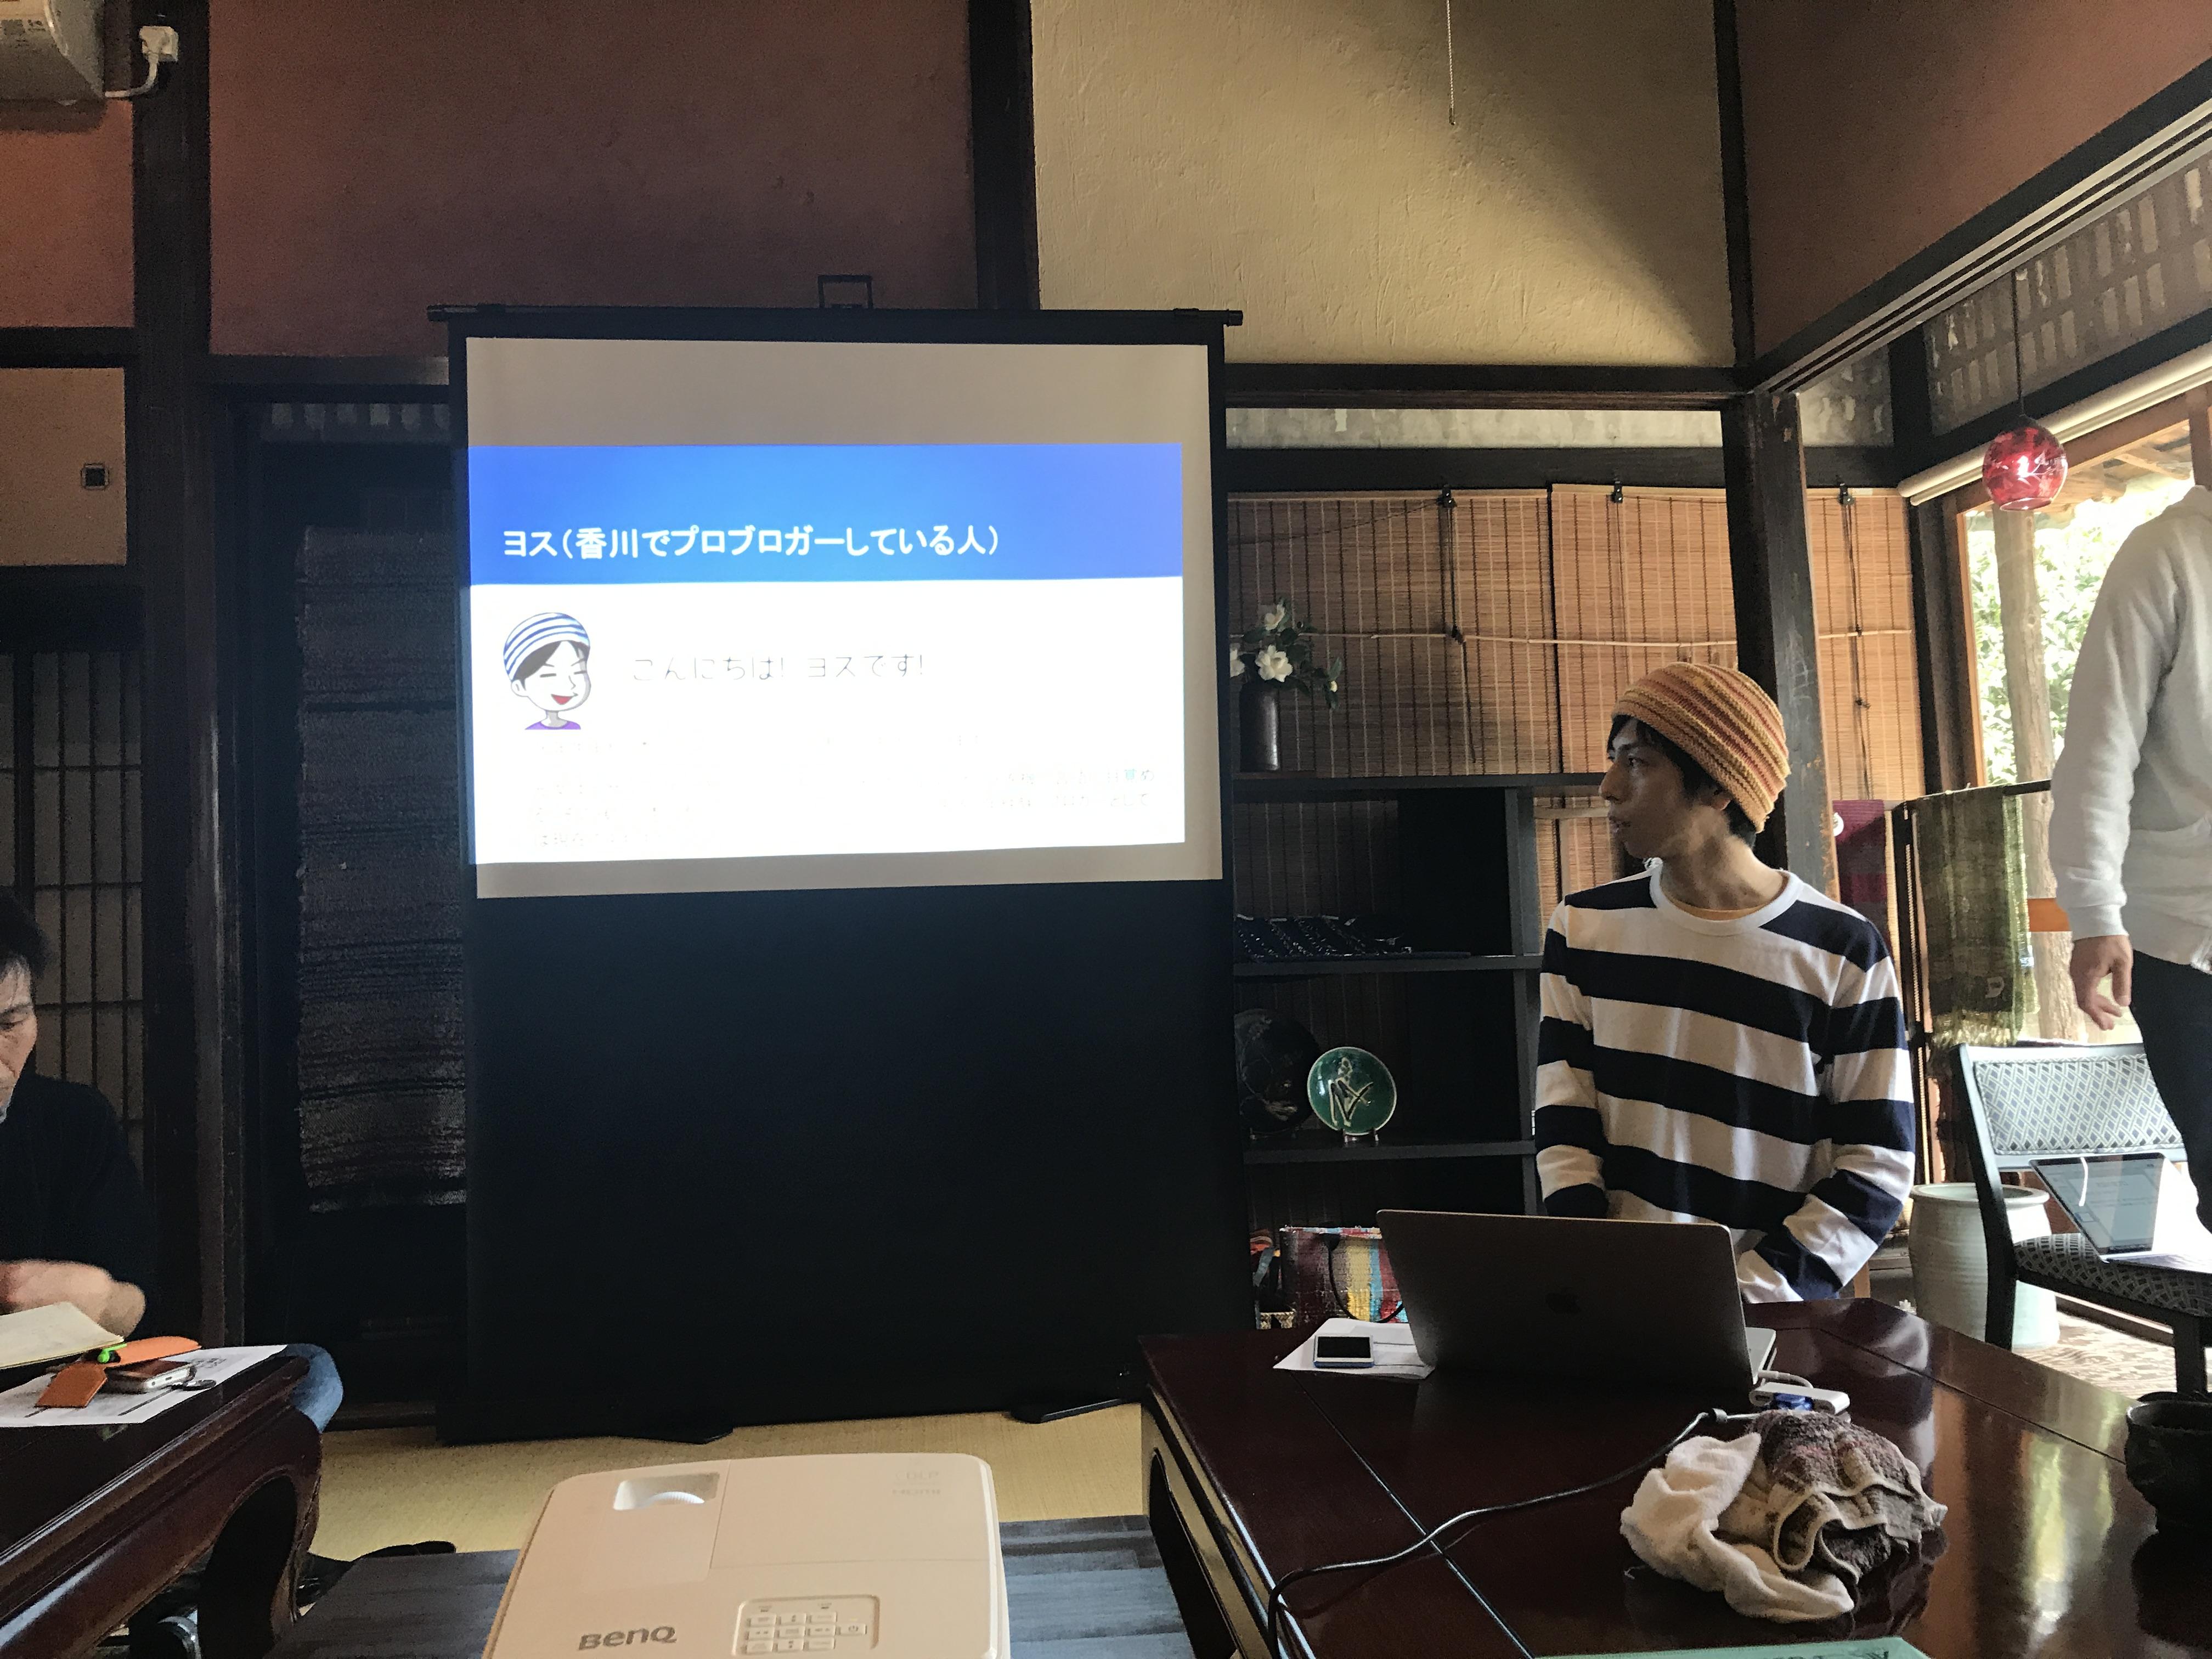 月120万PVプロブロガーのヨスさんとご対面!第1回岡山ブログカレッジ( #岡ブロ )に参加してきた